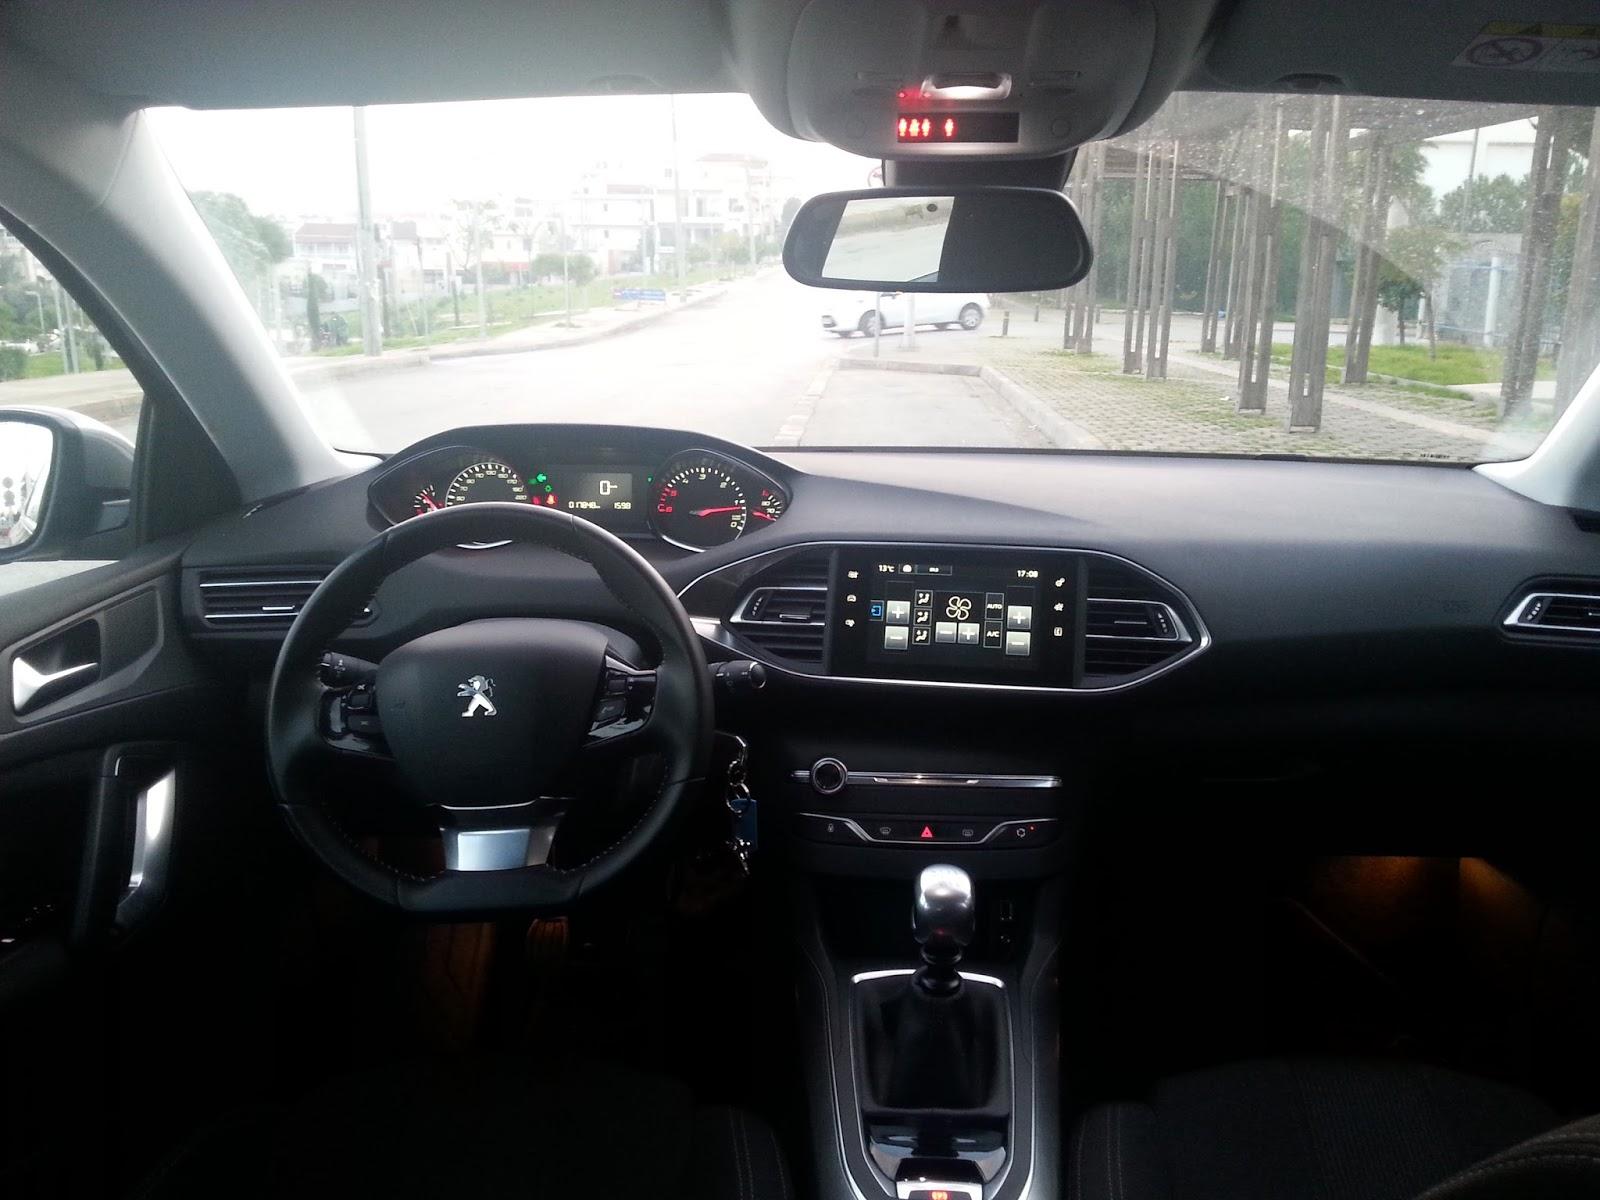 F5 6 Πόσο καλά στρίβει το Peugeot 308; Peugeot, Peugeot 308, TEST, ΔΟΚΙΜΕΣ